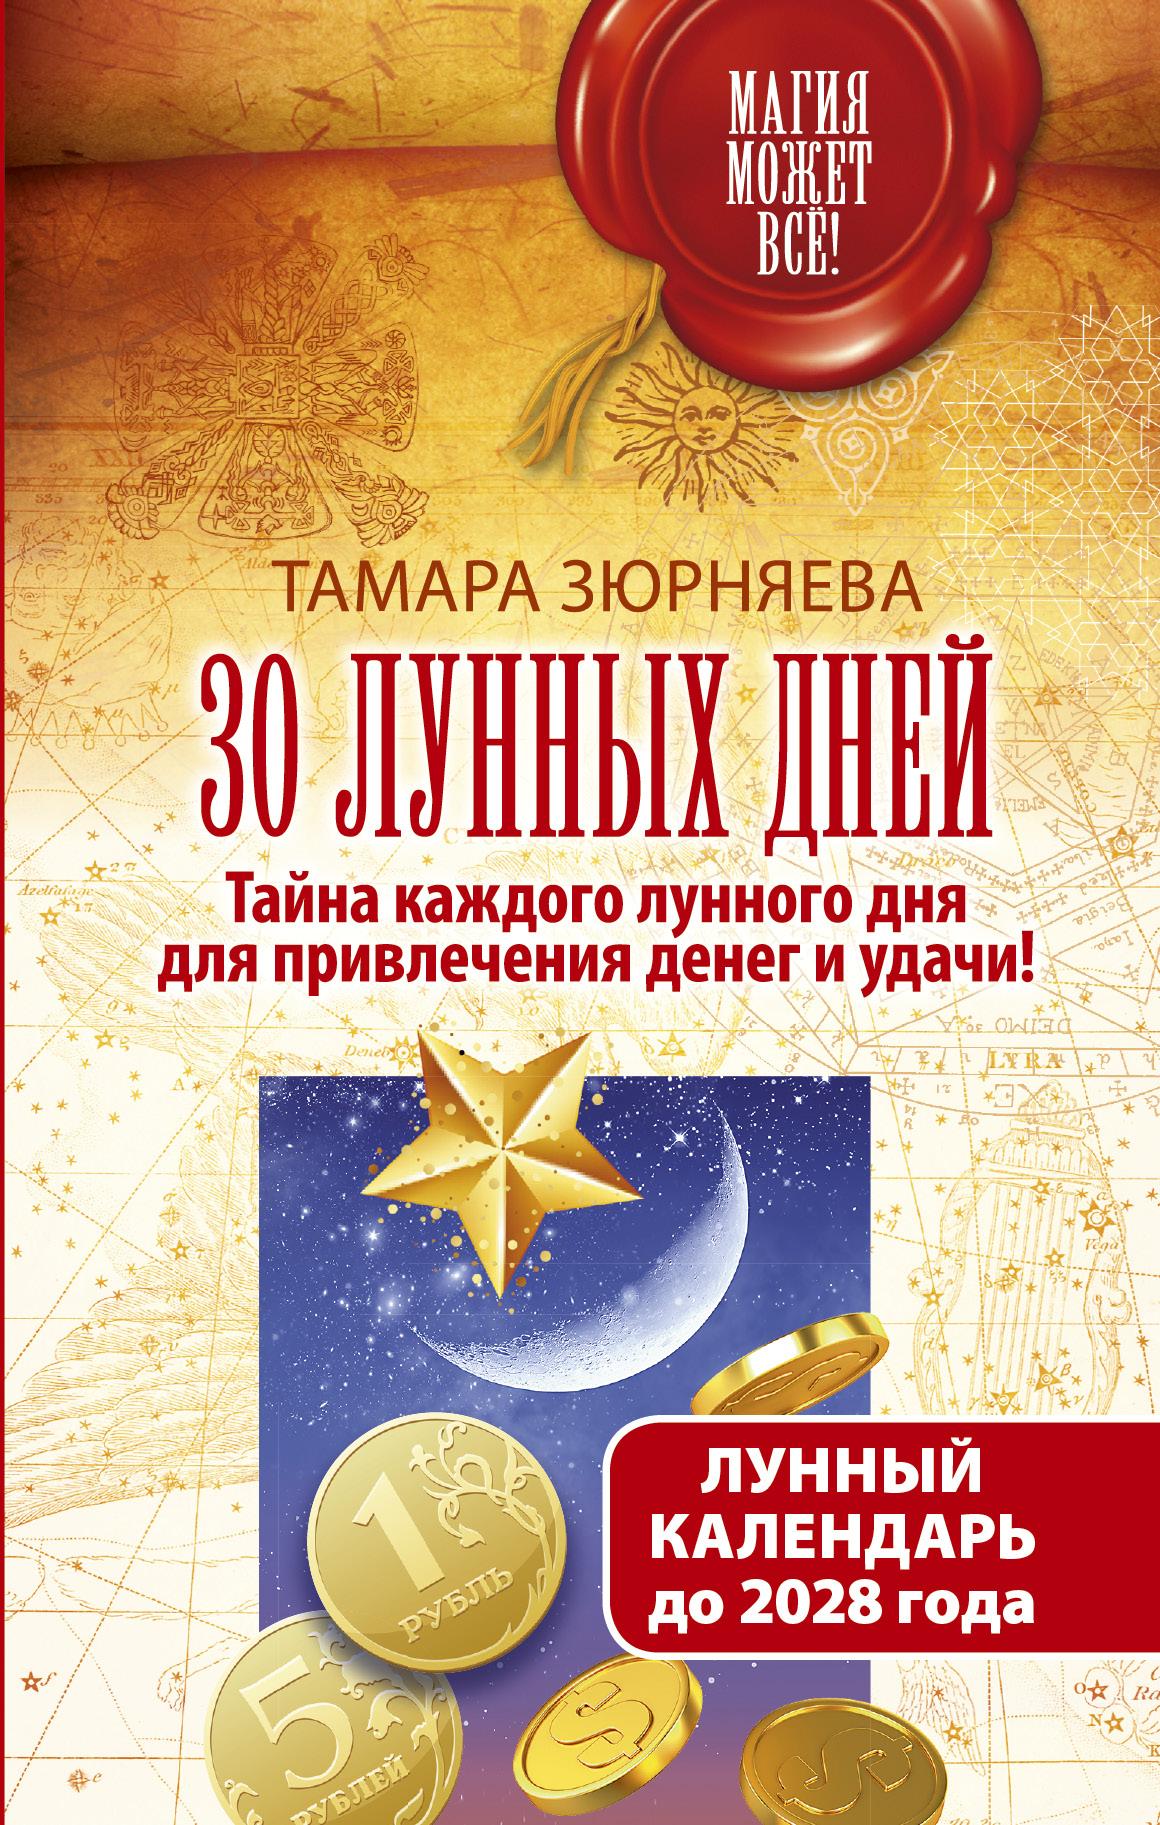 Зюрняева Тамара 30 лунных дней. Тайна каждого лунного дня для привлечения денег и удачи! Лунный календарь до 2028 года зюрняева т азарова ю луна помогает привлечь деньги лунный календарь на 20 лет